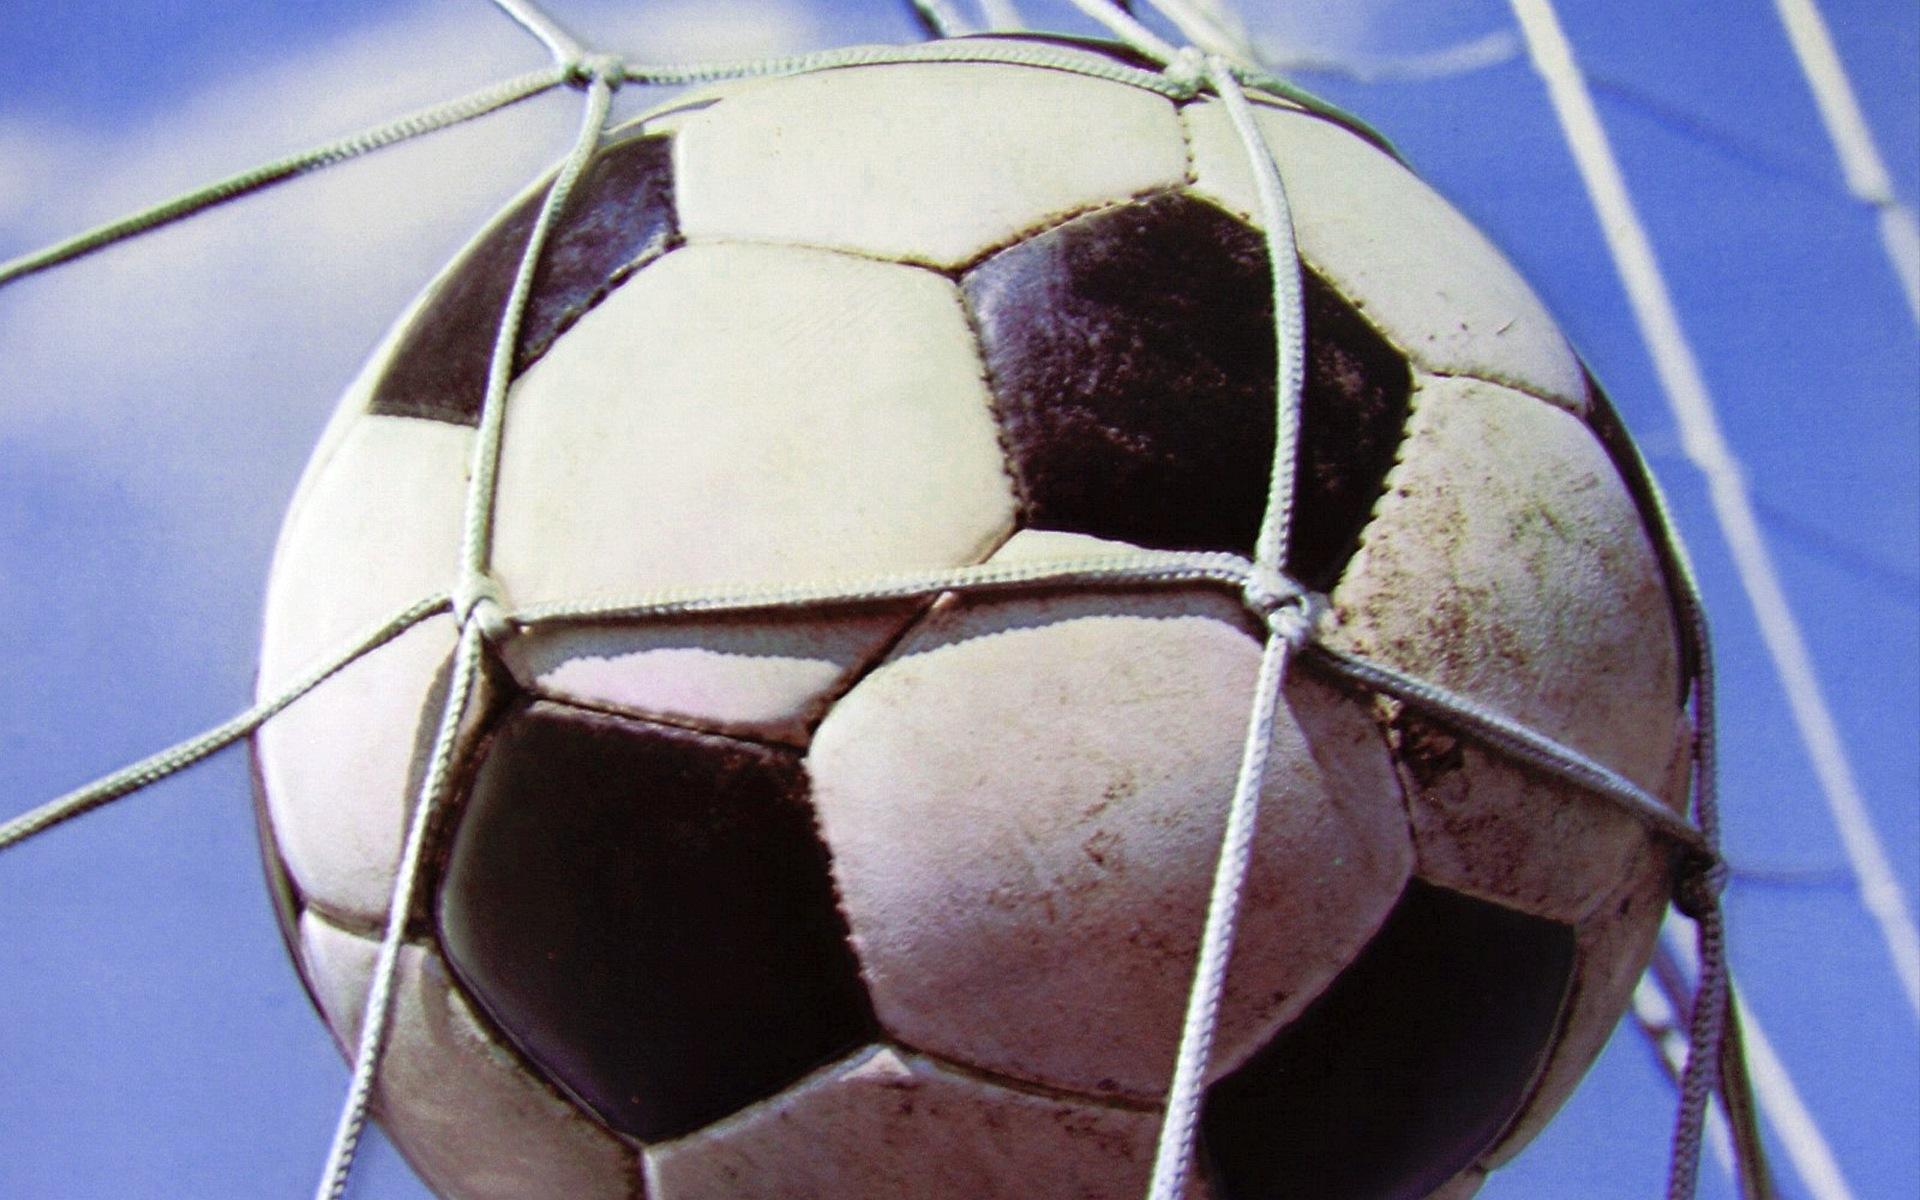 Torneo de Fútbol: Próxima fecha y tabla de posiciones